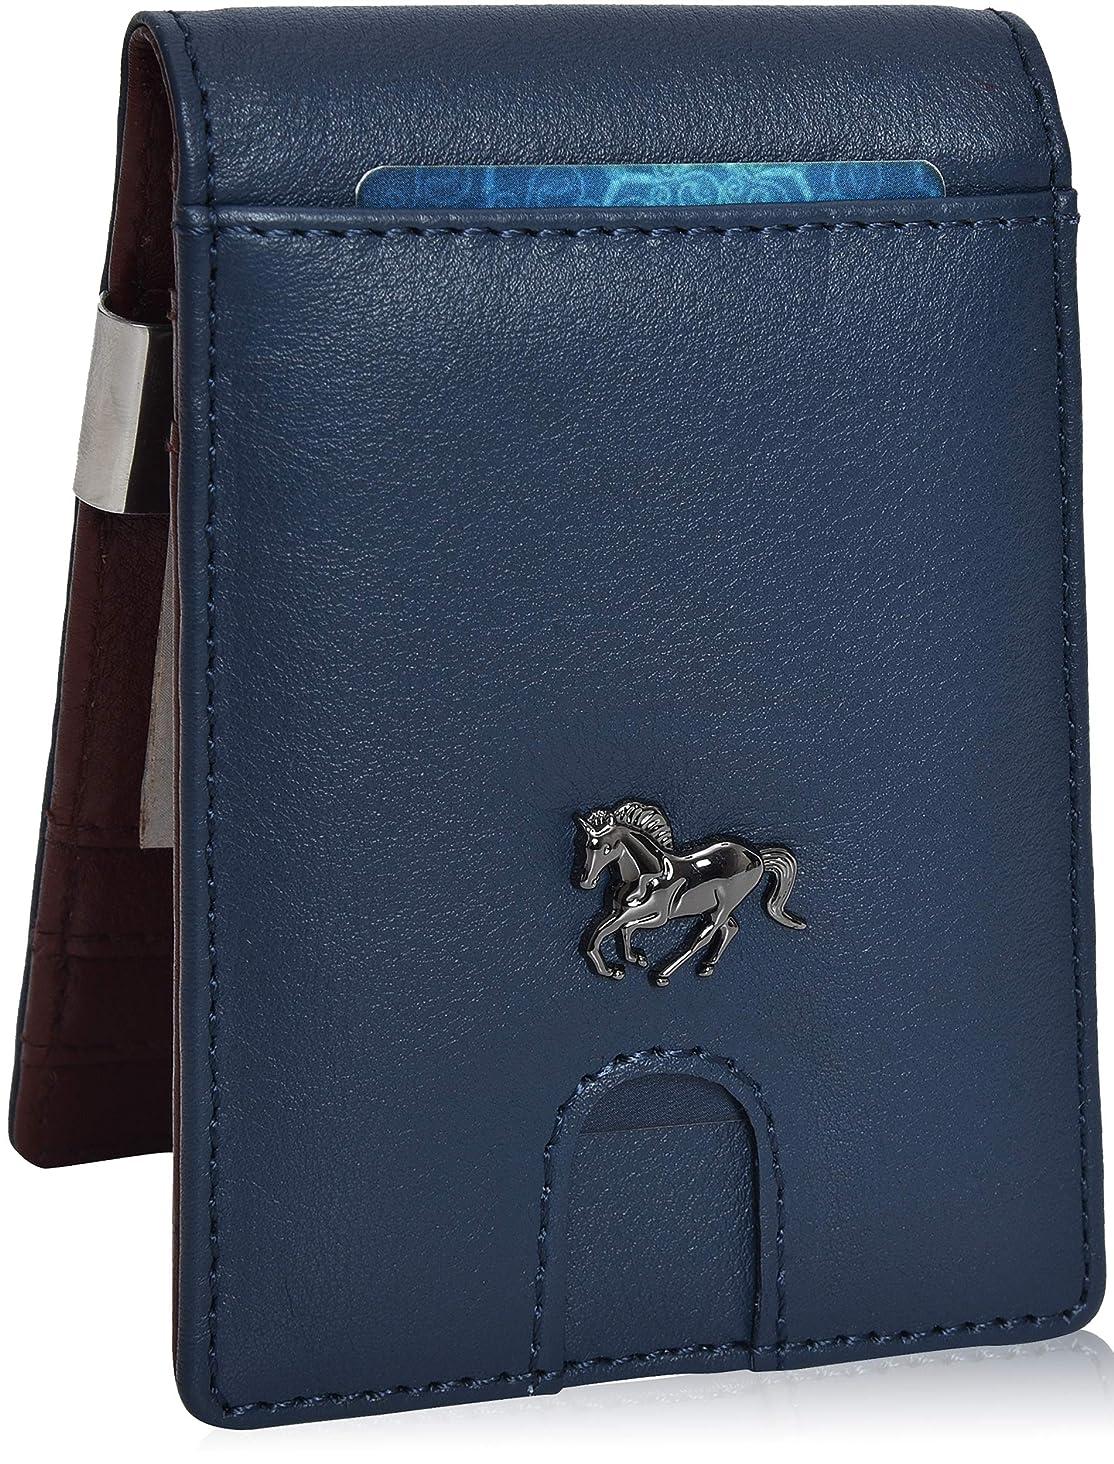 Estalon Metal Money Clip Wallets – Bifold Wallets RFID Protection Slim Design Front Pocket Leather Wallets